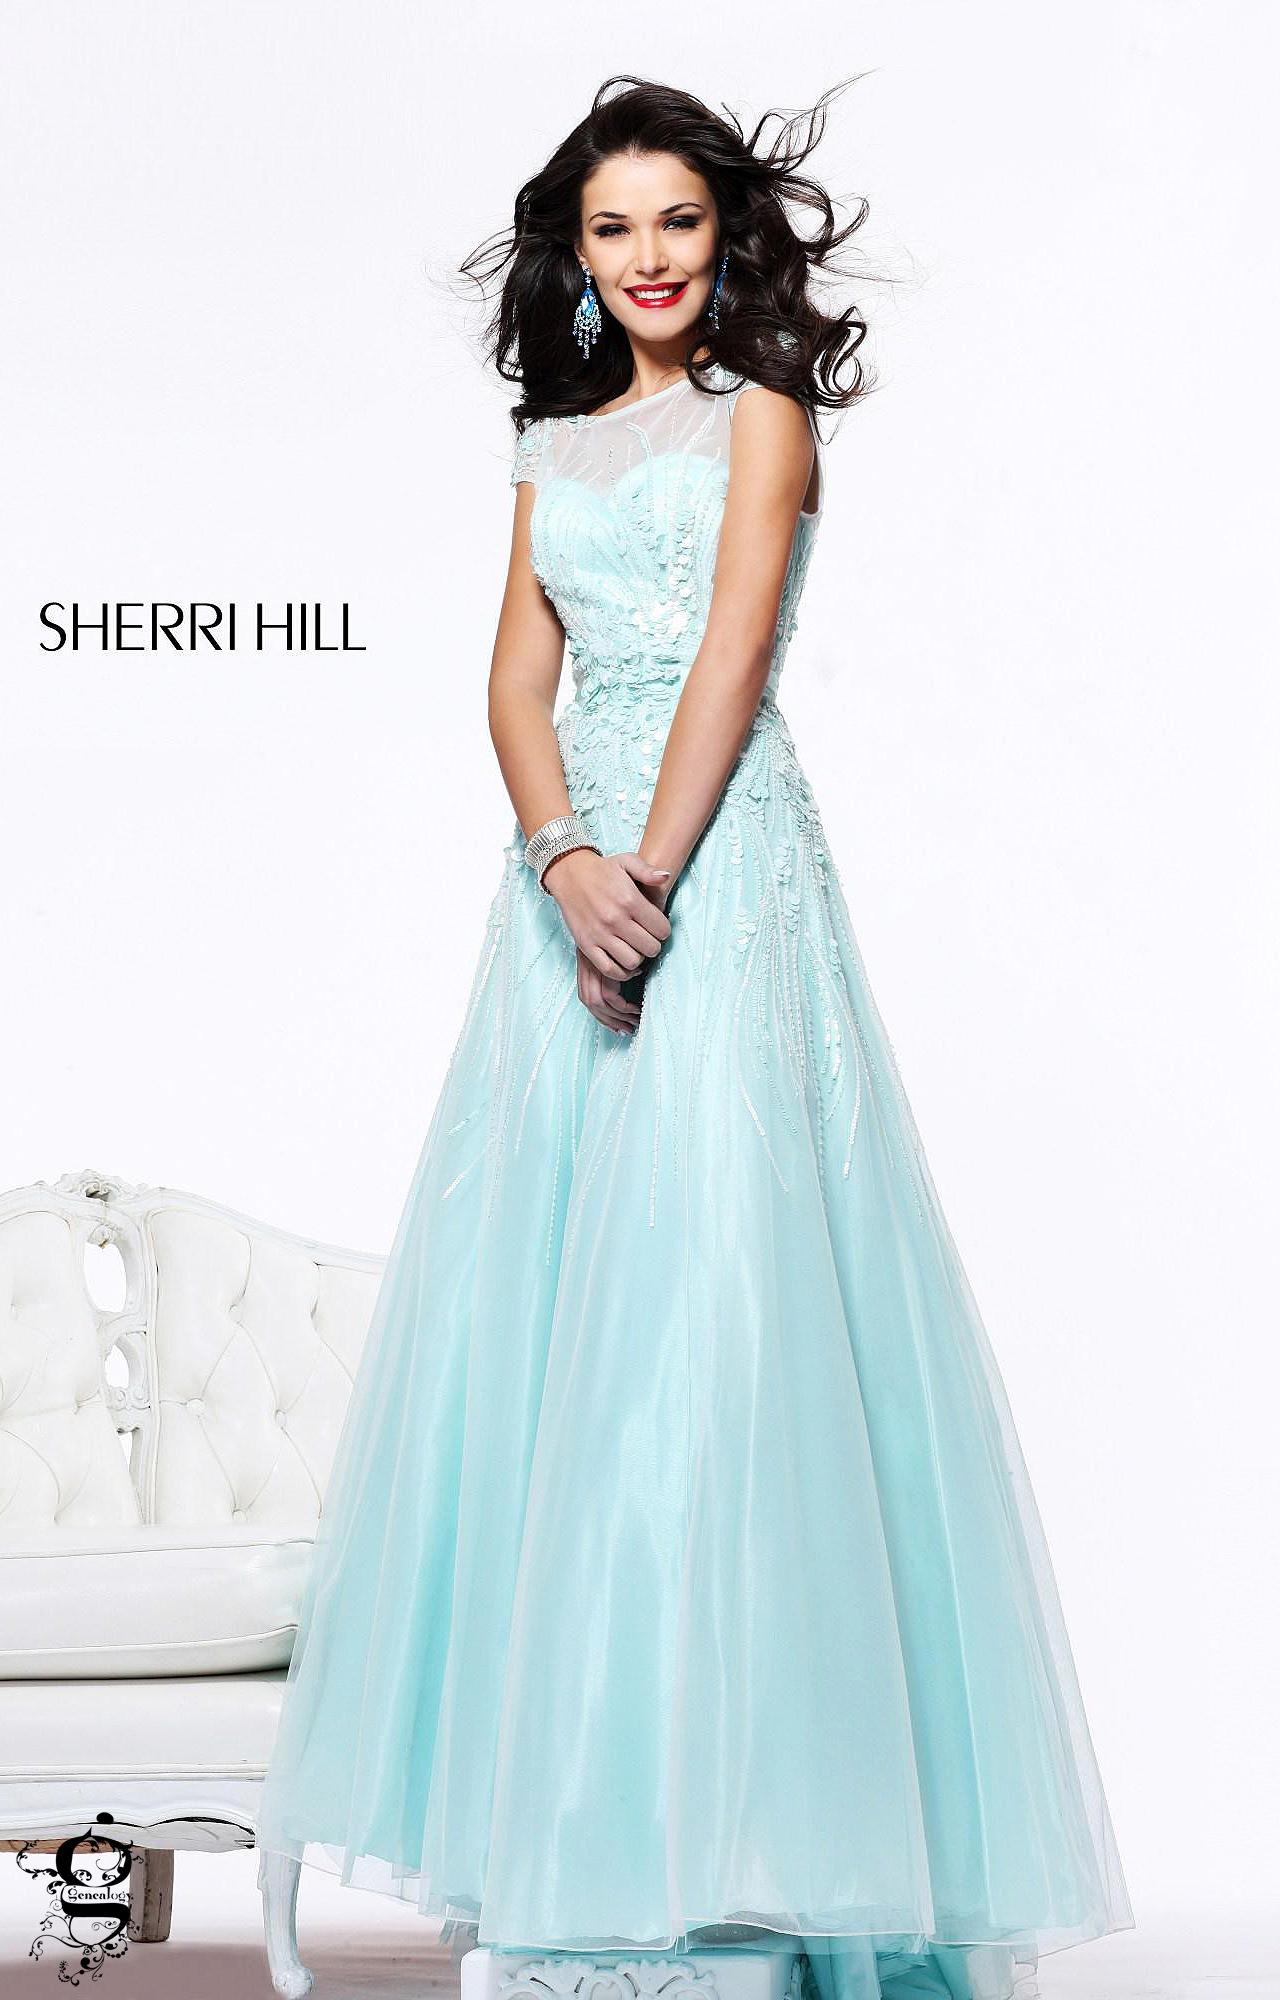 Sherri Hill 1547 - Formal Evening Prom Dress